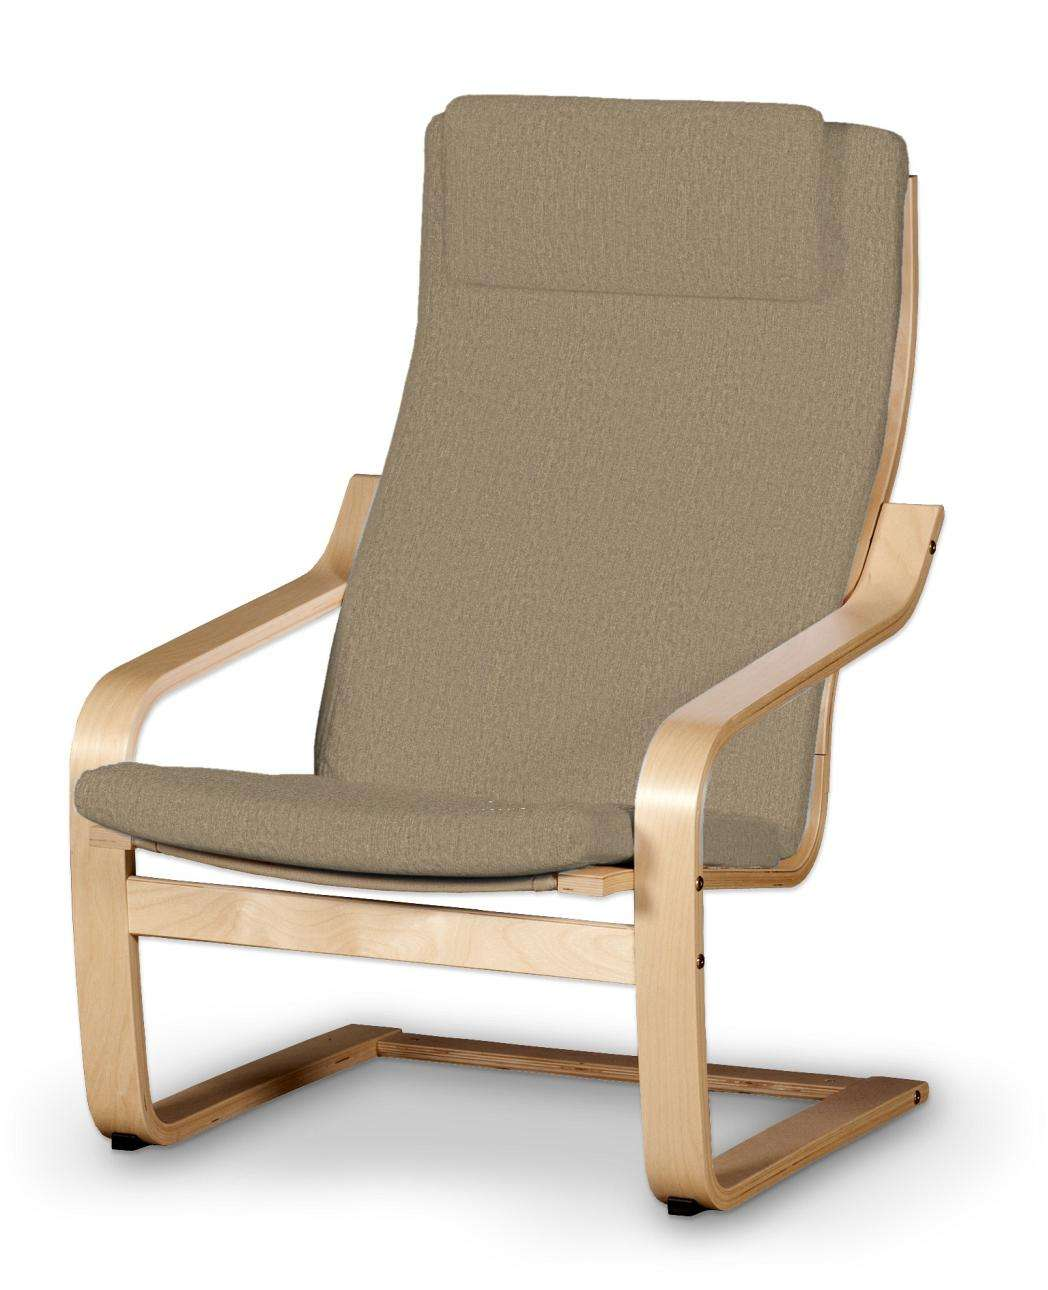 Poduszka na fotel Poäng II Fotel Poäng II w kolekcji Chenille, tkanina: 702-21